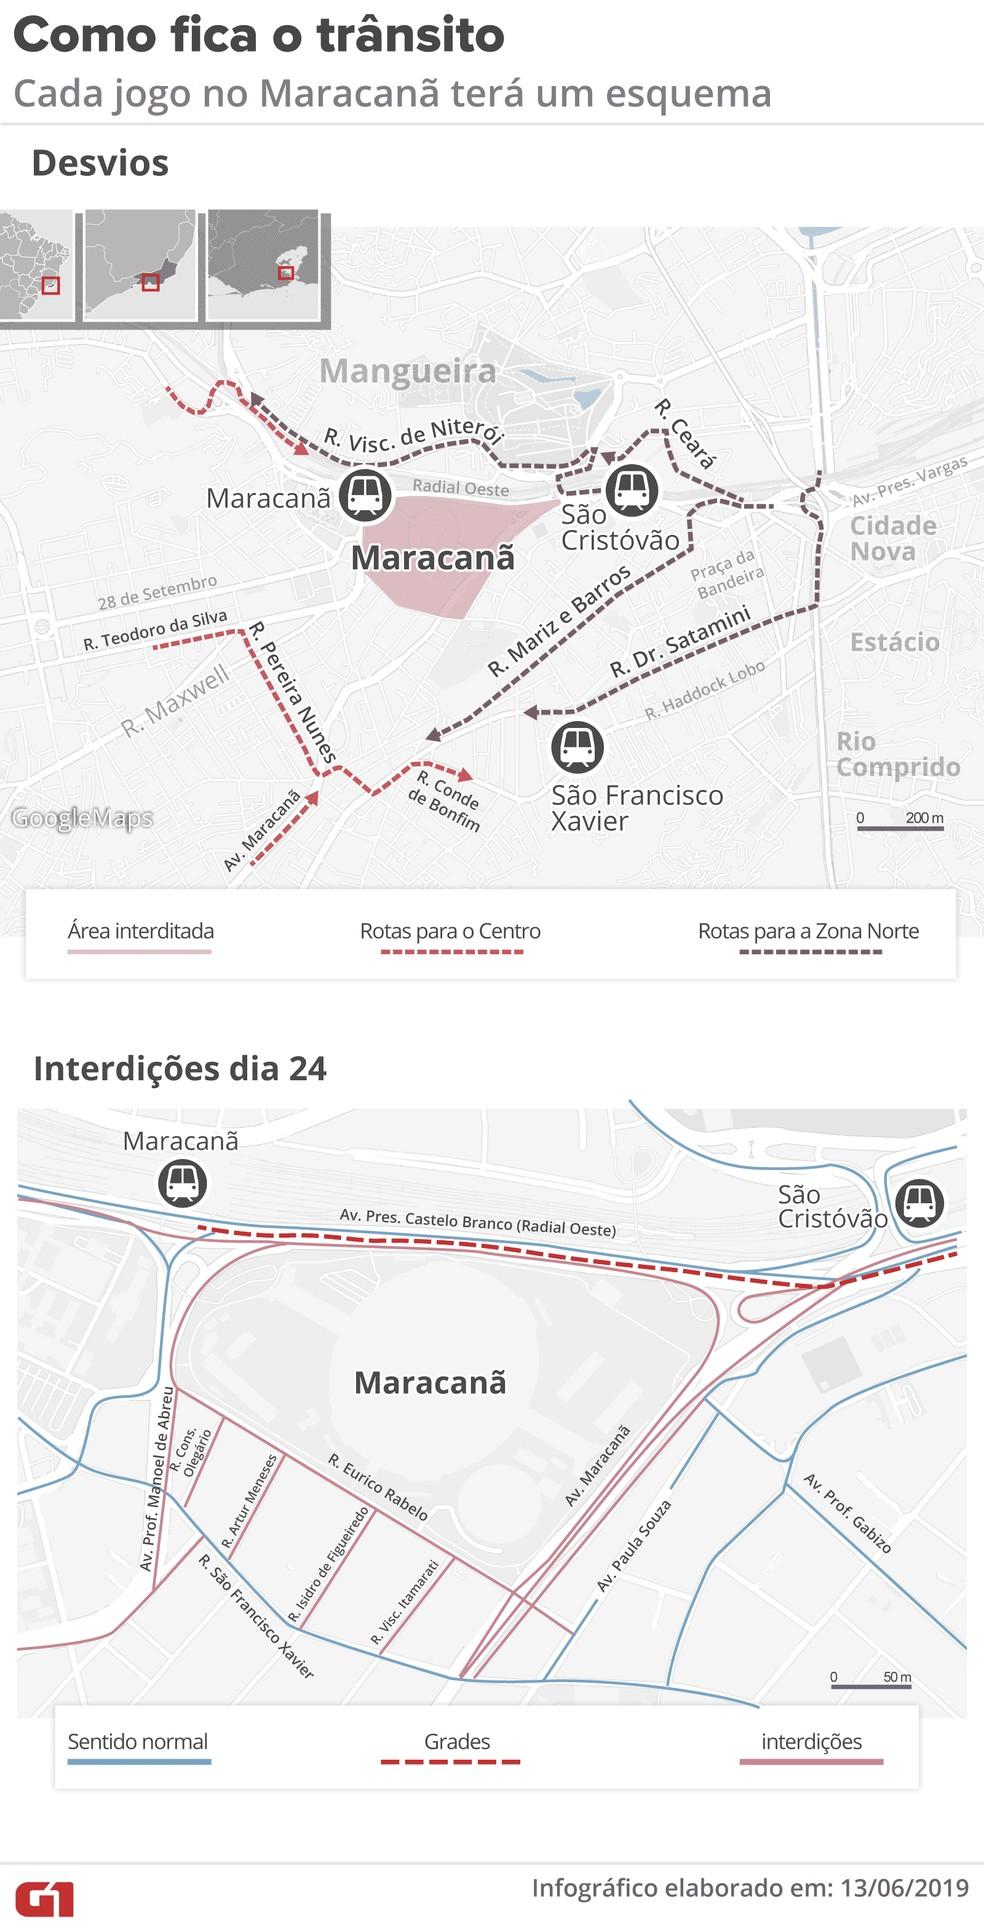 Mapas mostram o esquema de trânsito para a Copa América — Foto: Infografia: Wagner Magalhães/G1